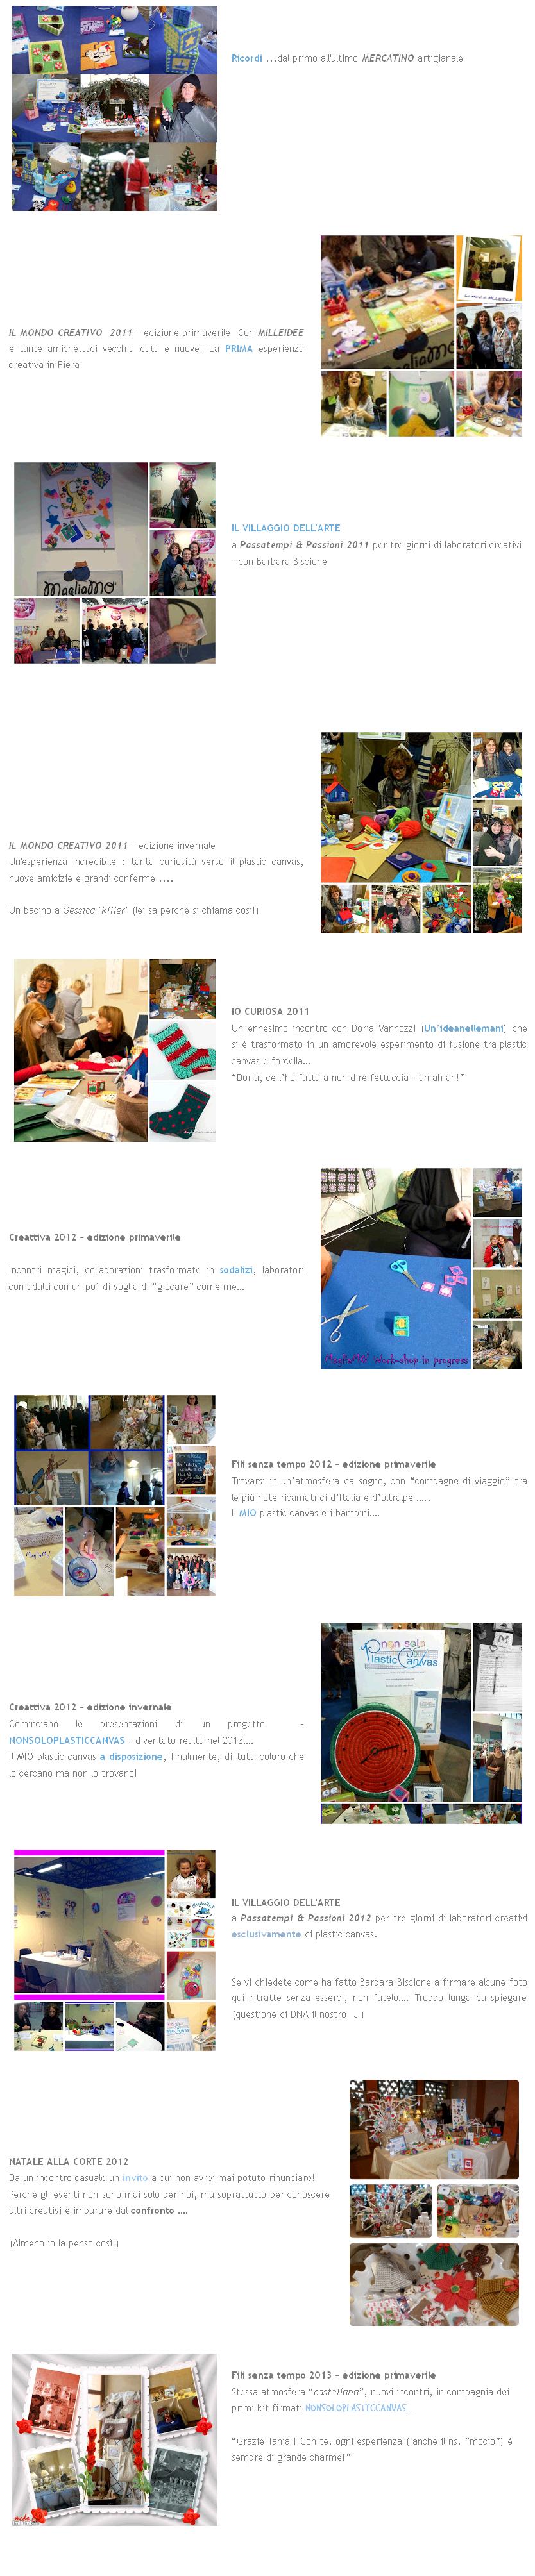 pagina eventi' - magliamo-demo_blogspot_it_2013_08_pagina-eventi_html